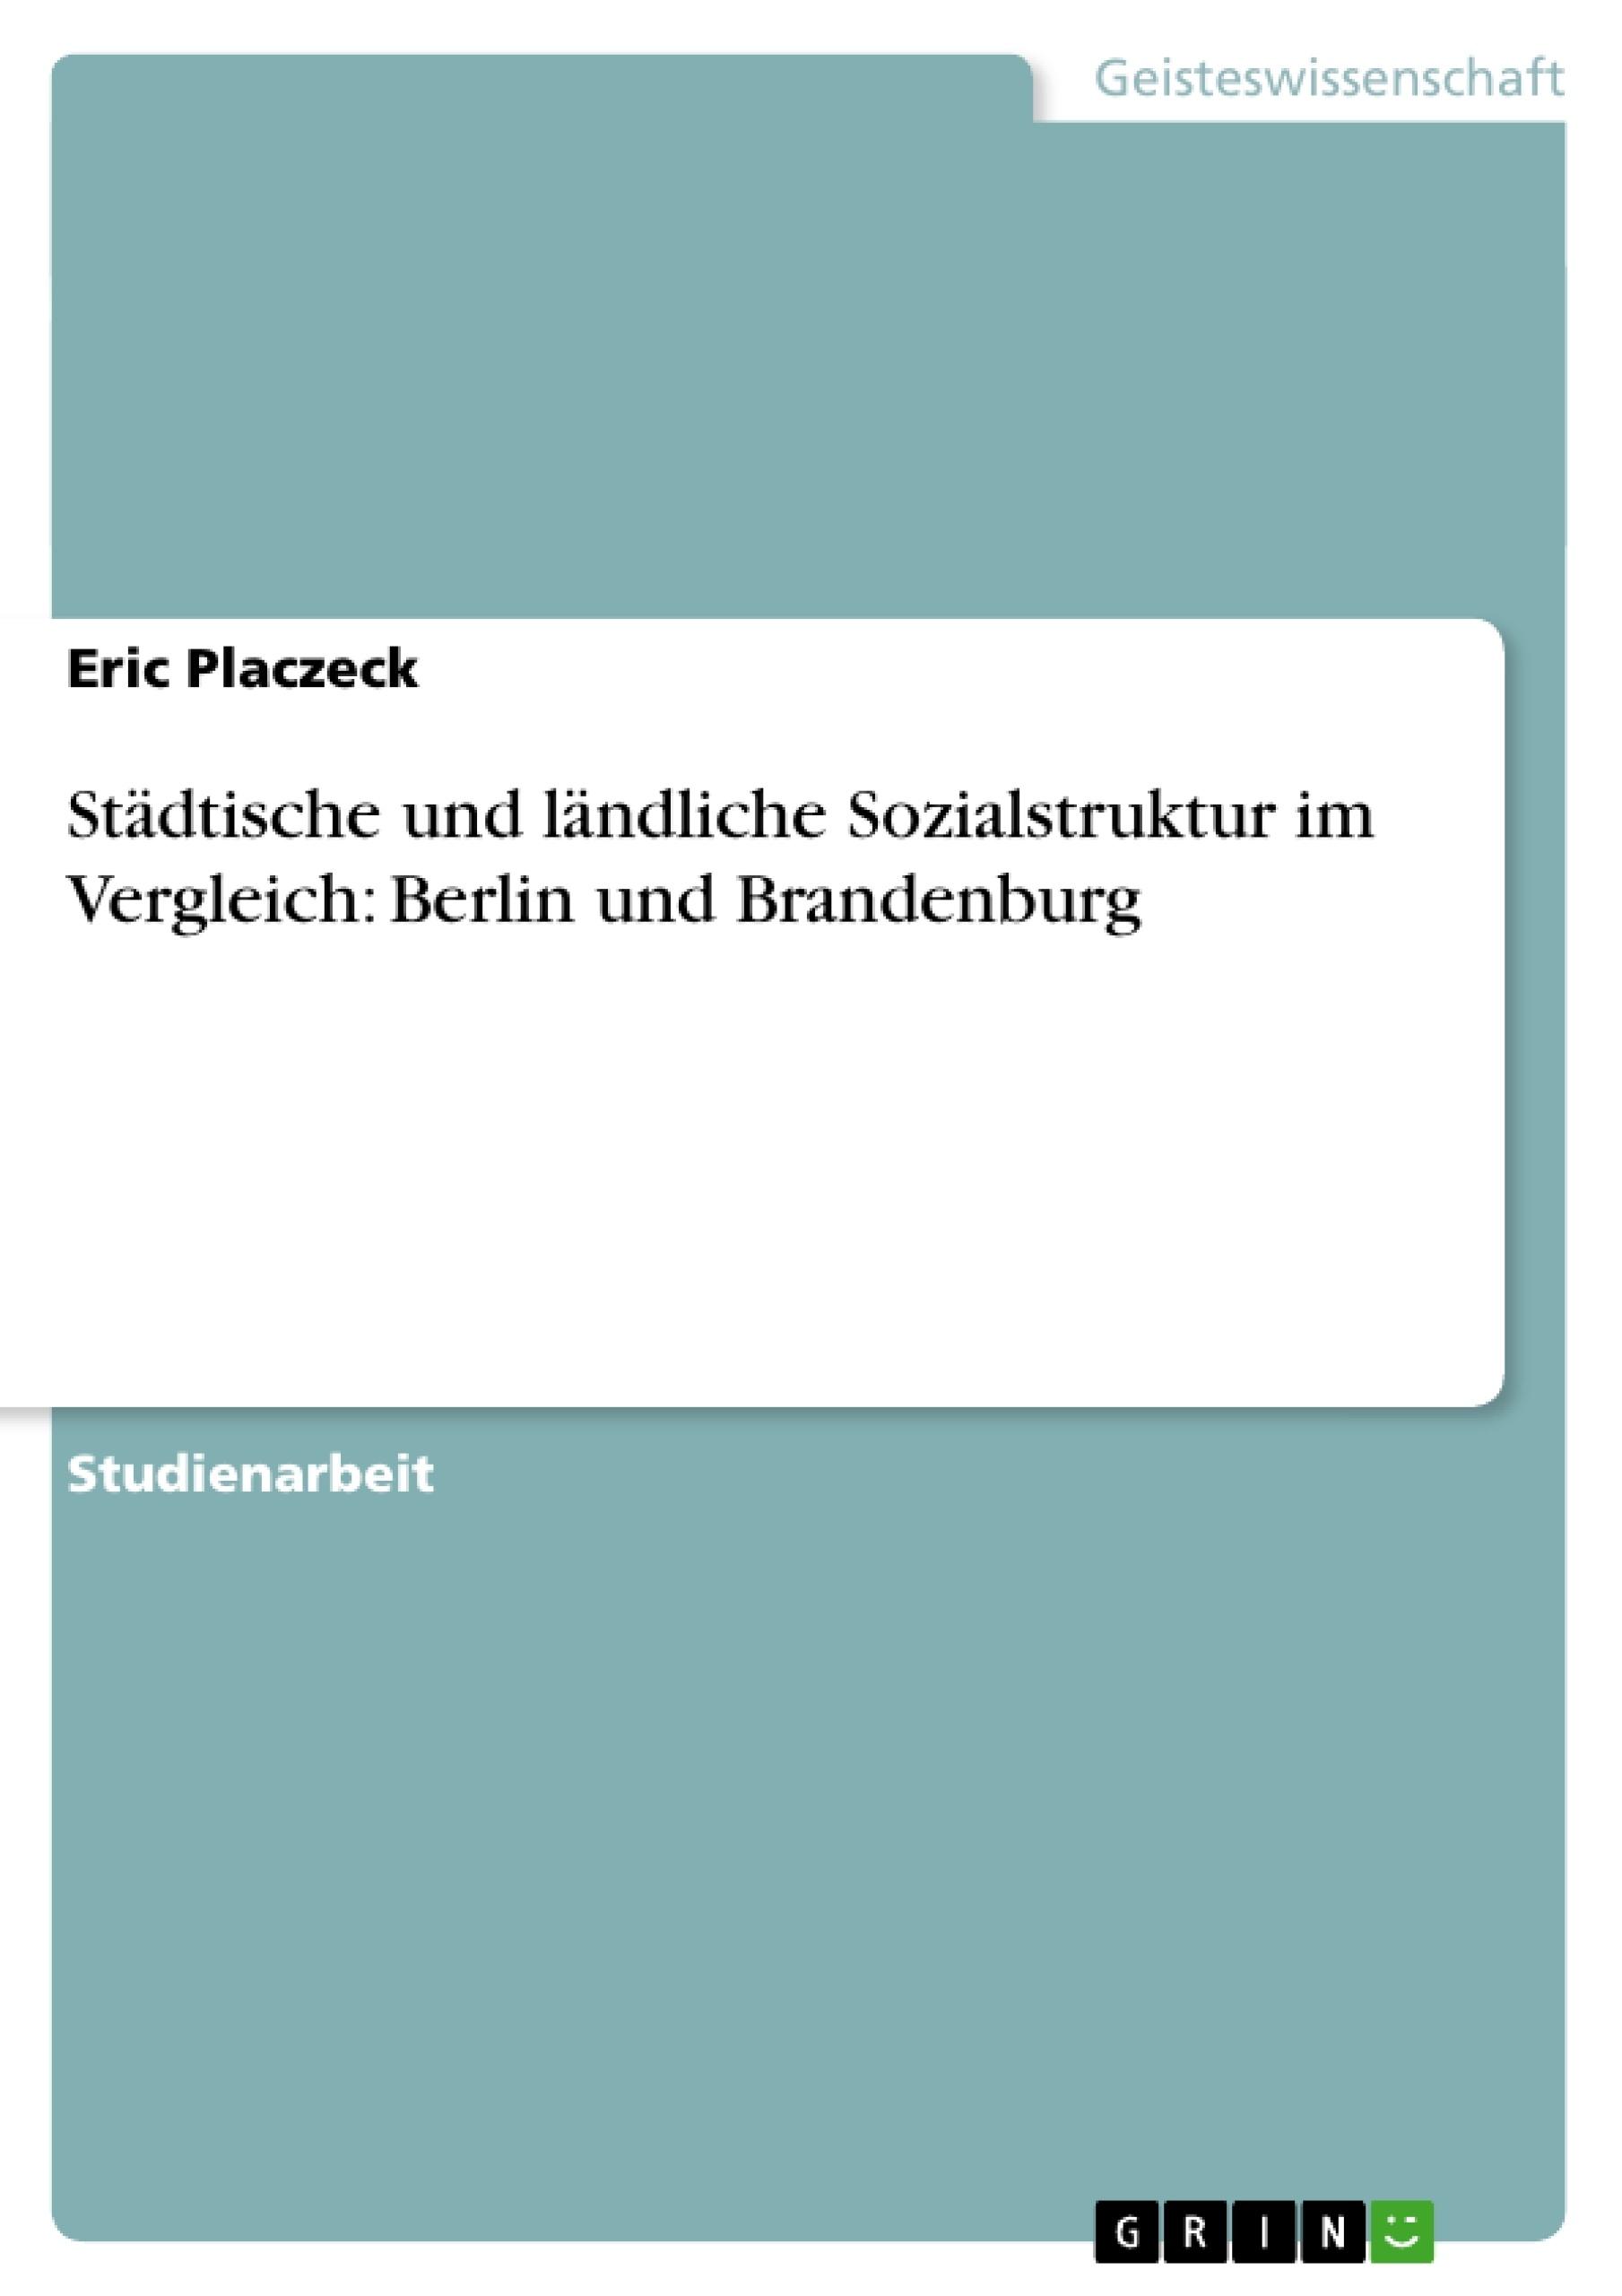 Titel: Städtische und ländliche Sozialstruktur im Vergleich: Berlin und Brandenburg